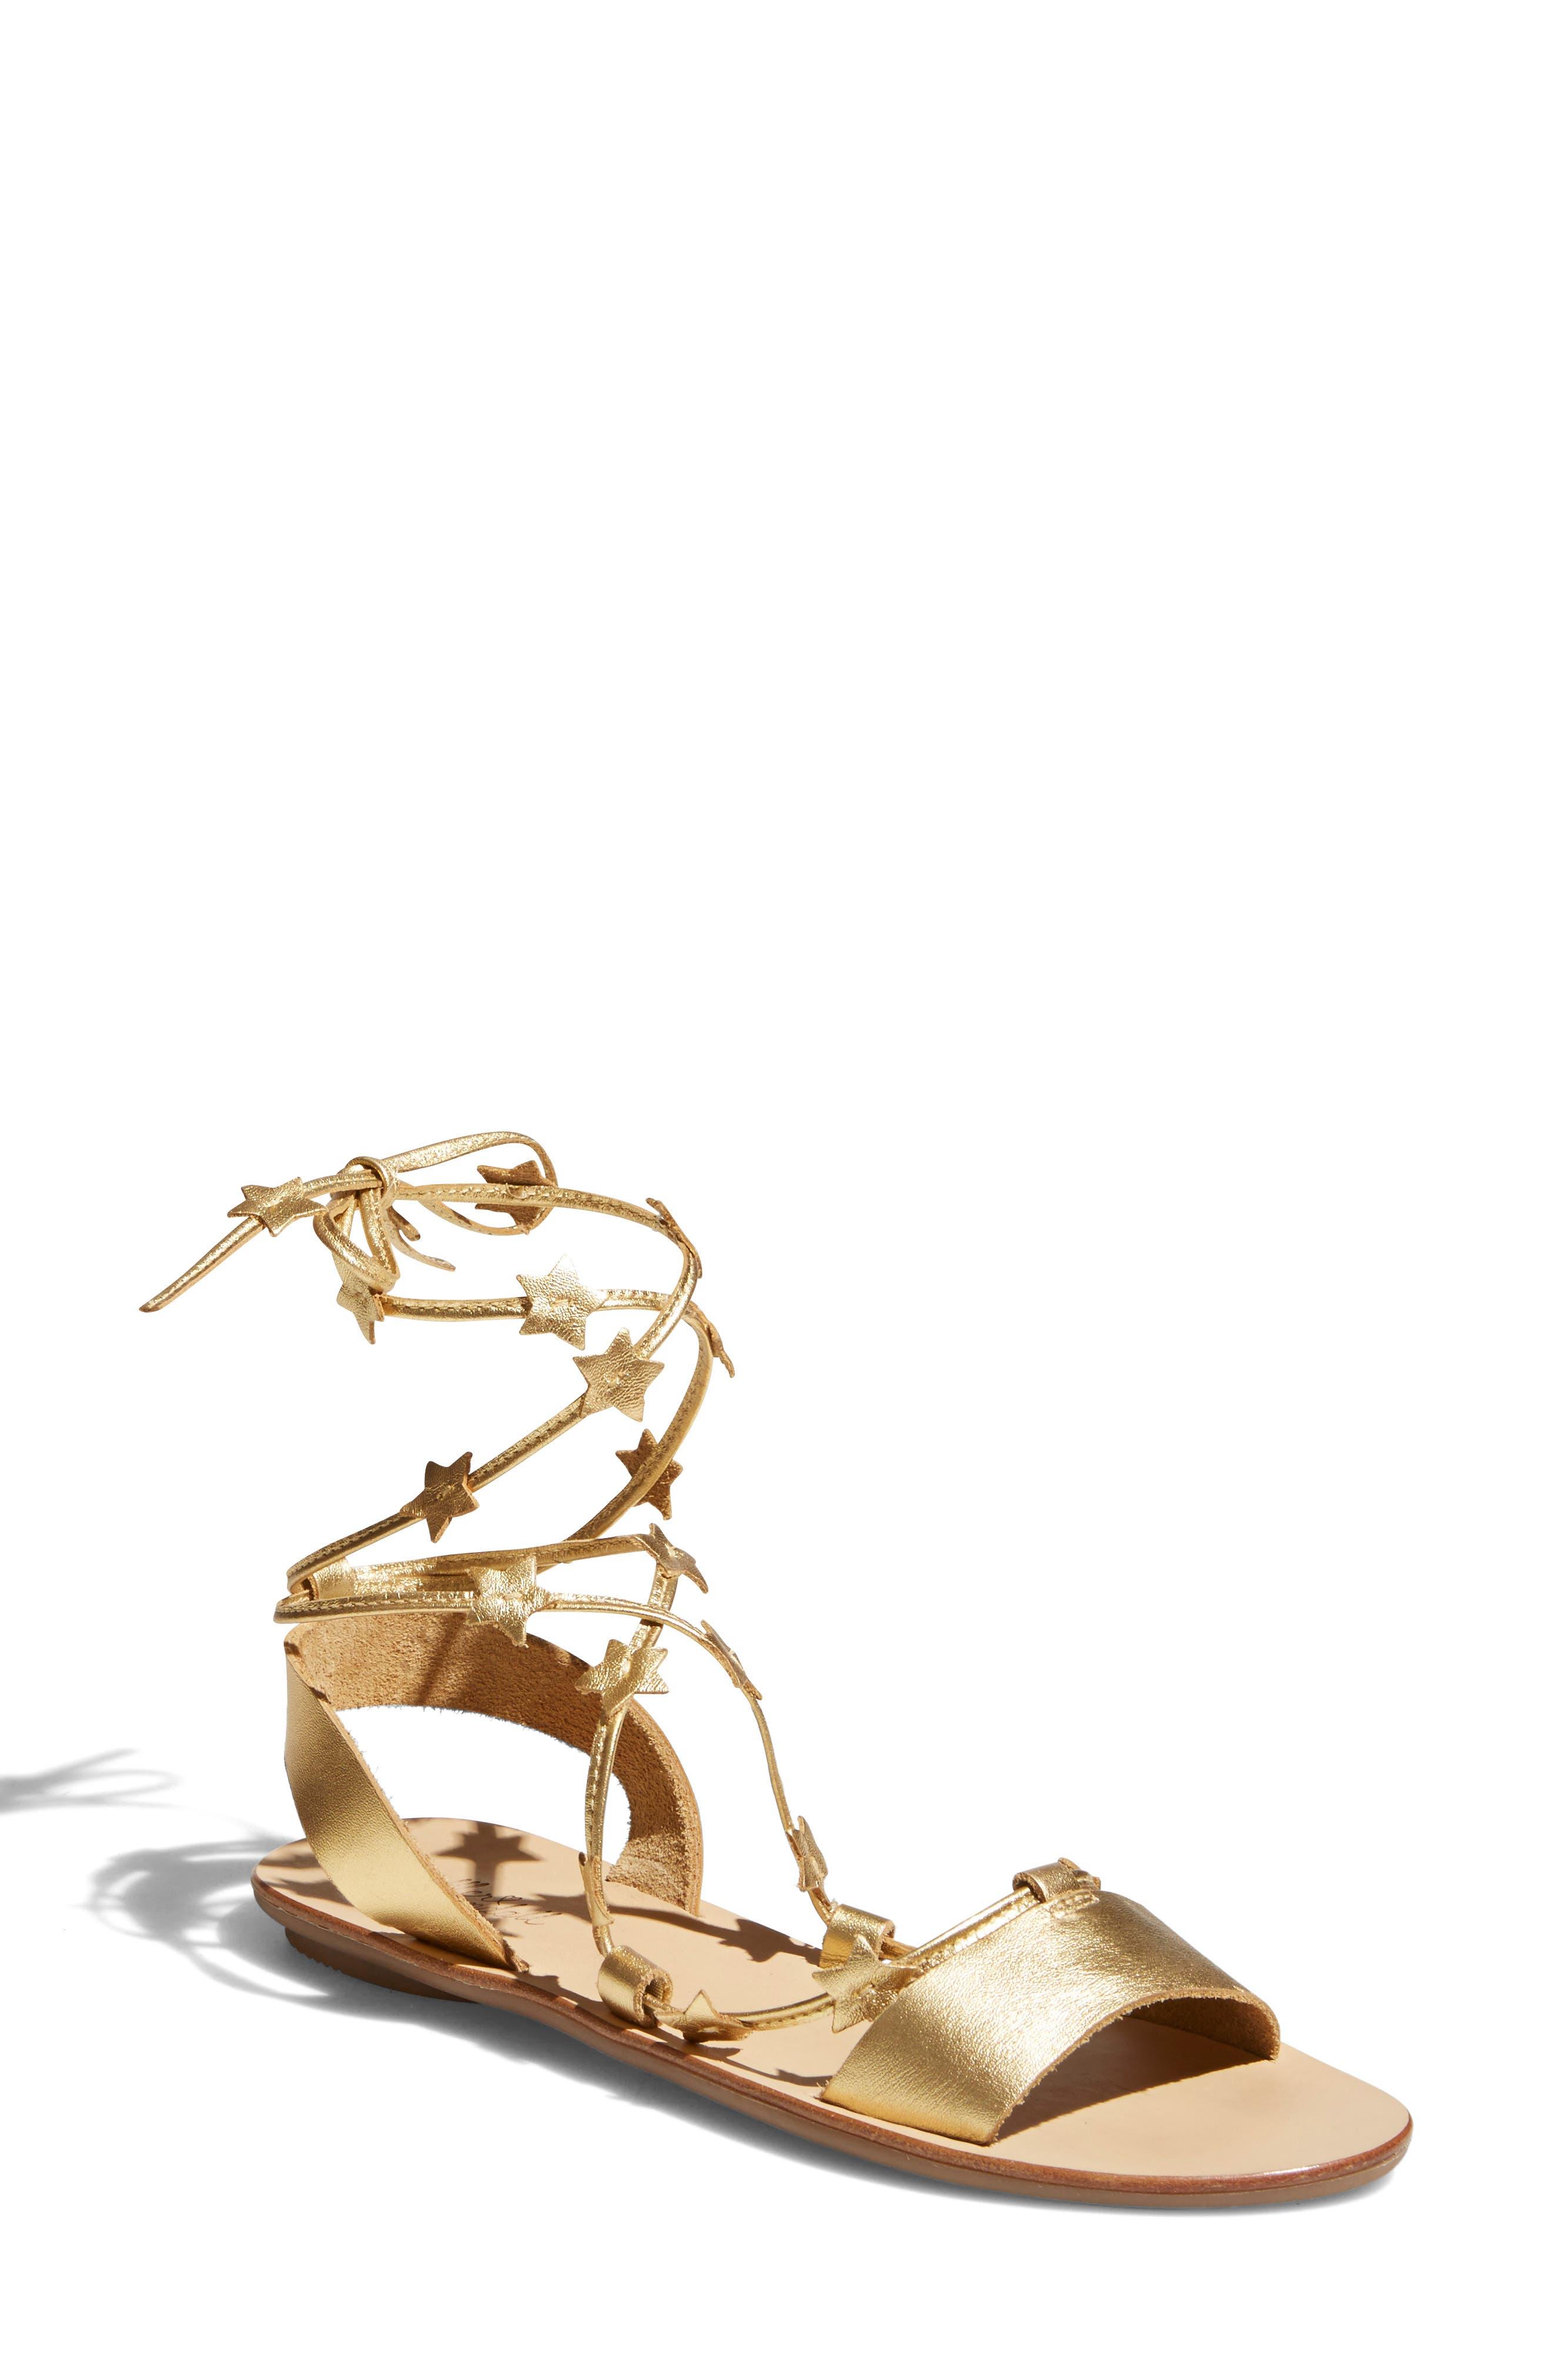 Alternate Image 1 Selected - Loeffler Randall Starla Ankle Wrap Sandal (Women)